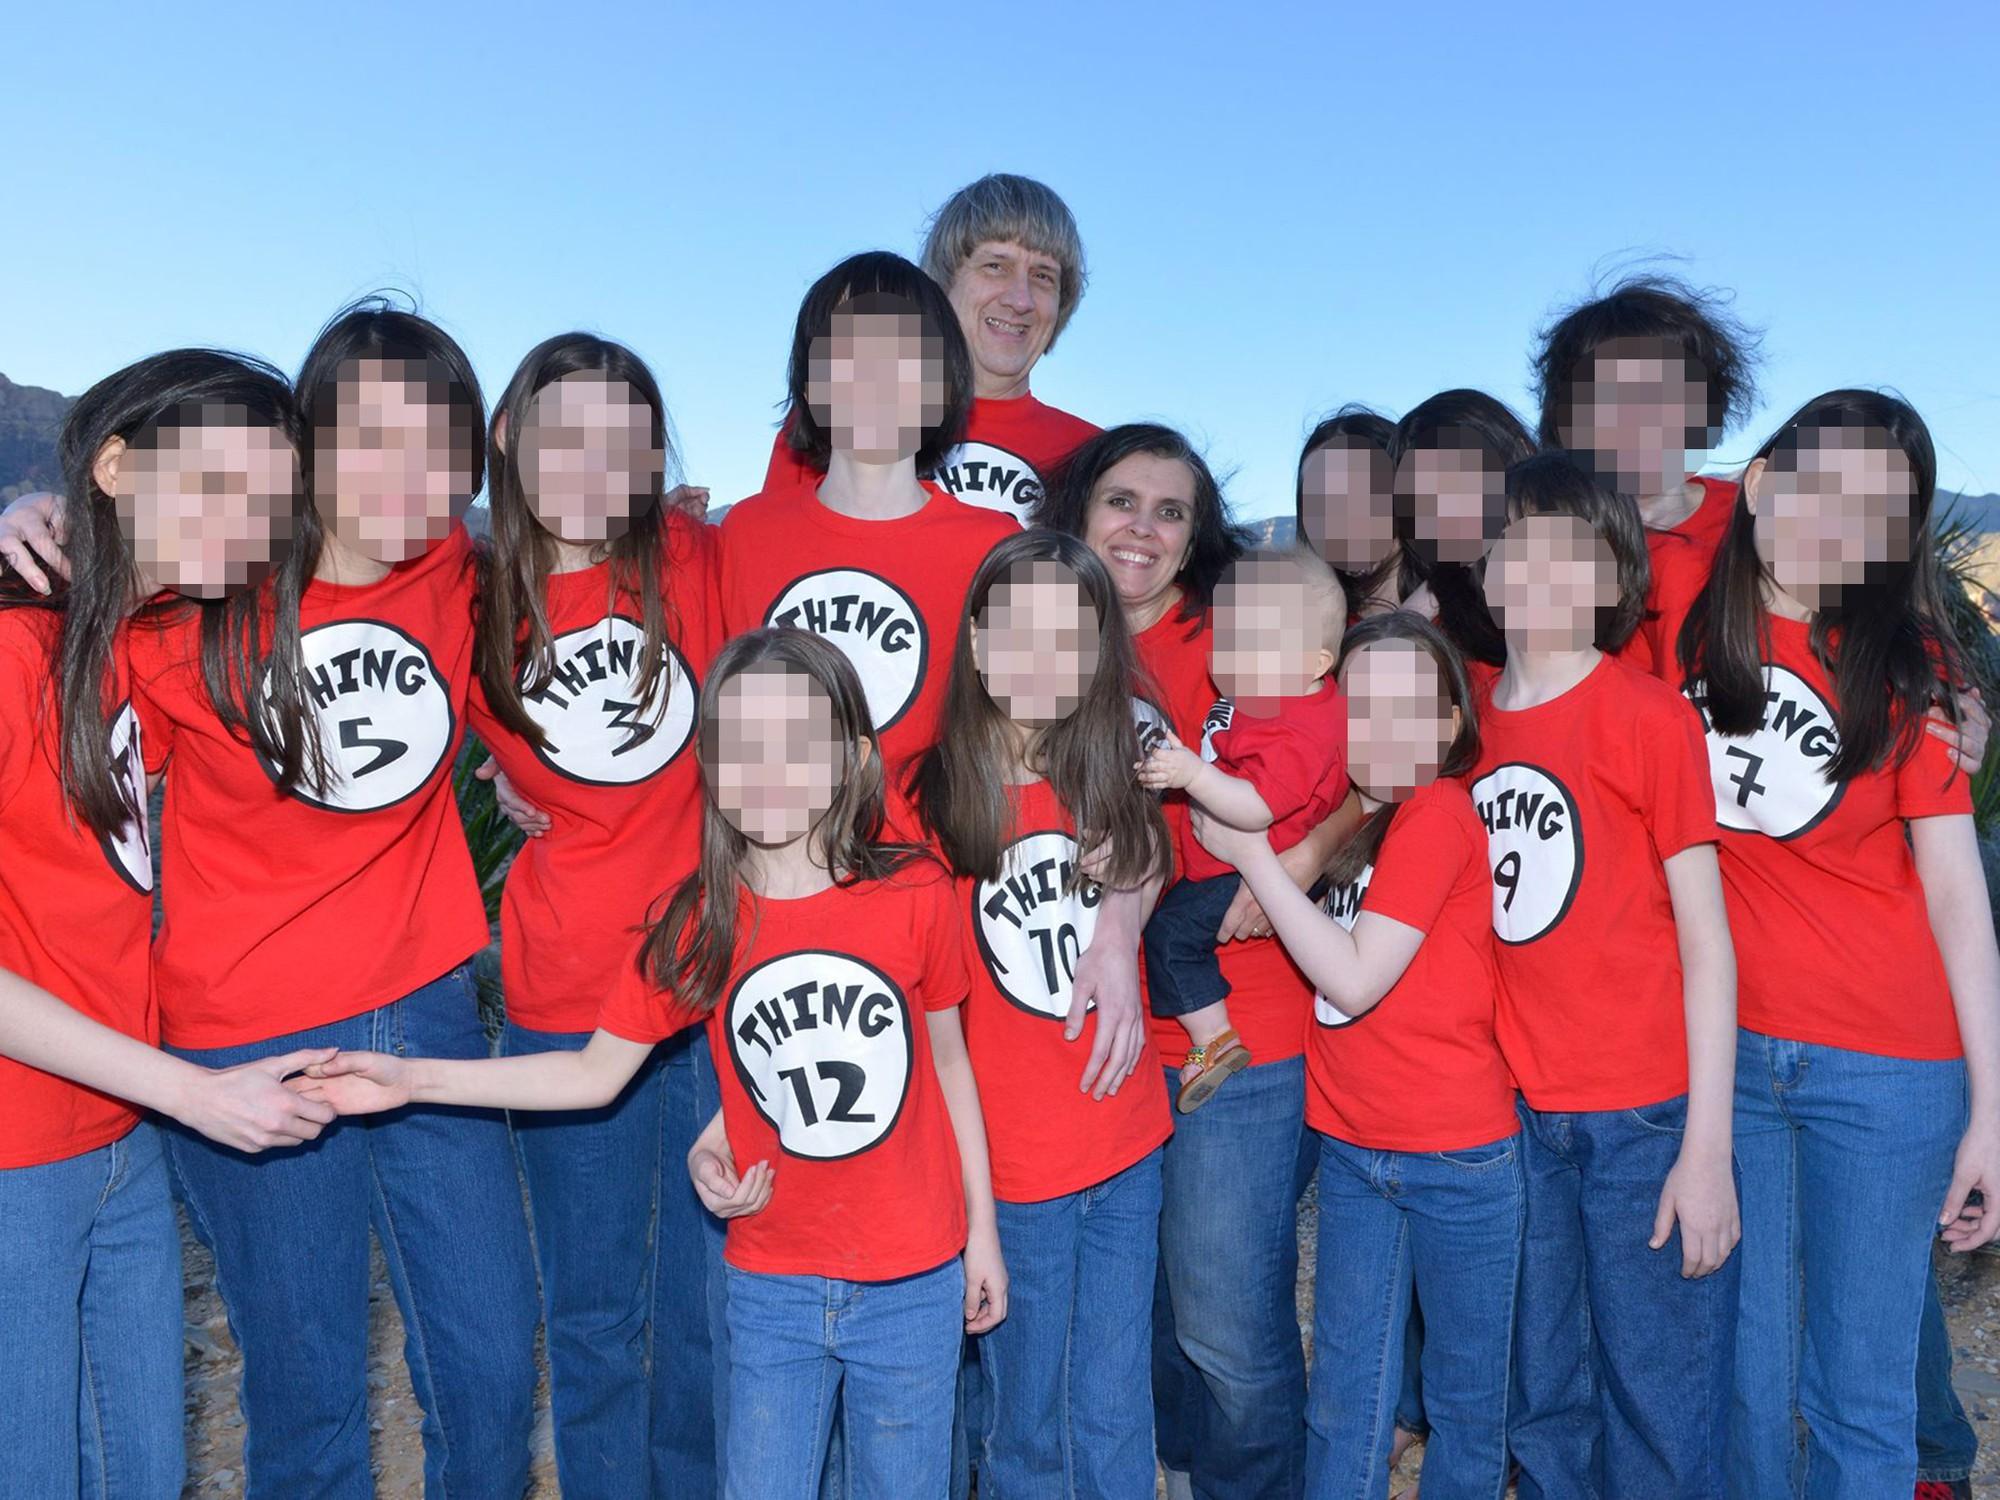 'Kẽ hở' cho vụ cha mẹ tra tấn, bạo hành 13 người con: Căn phòng tra tấn trẻ em núp bóng 'trường học tại gia' ở Mỹ 1